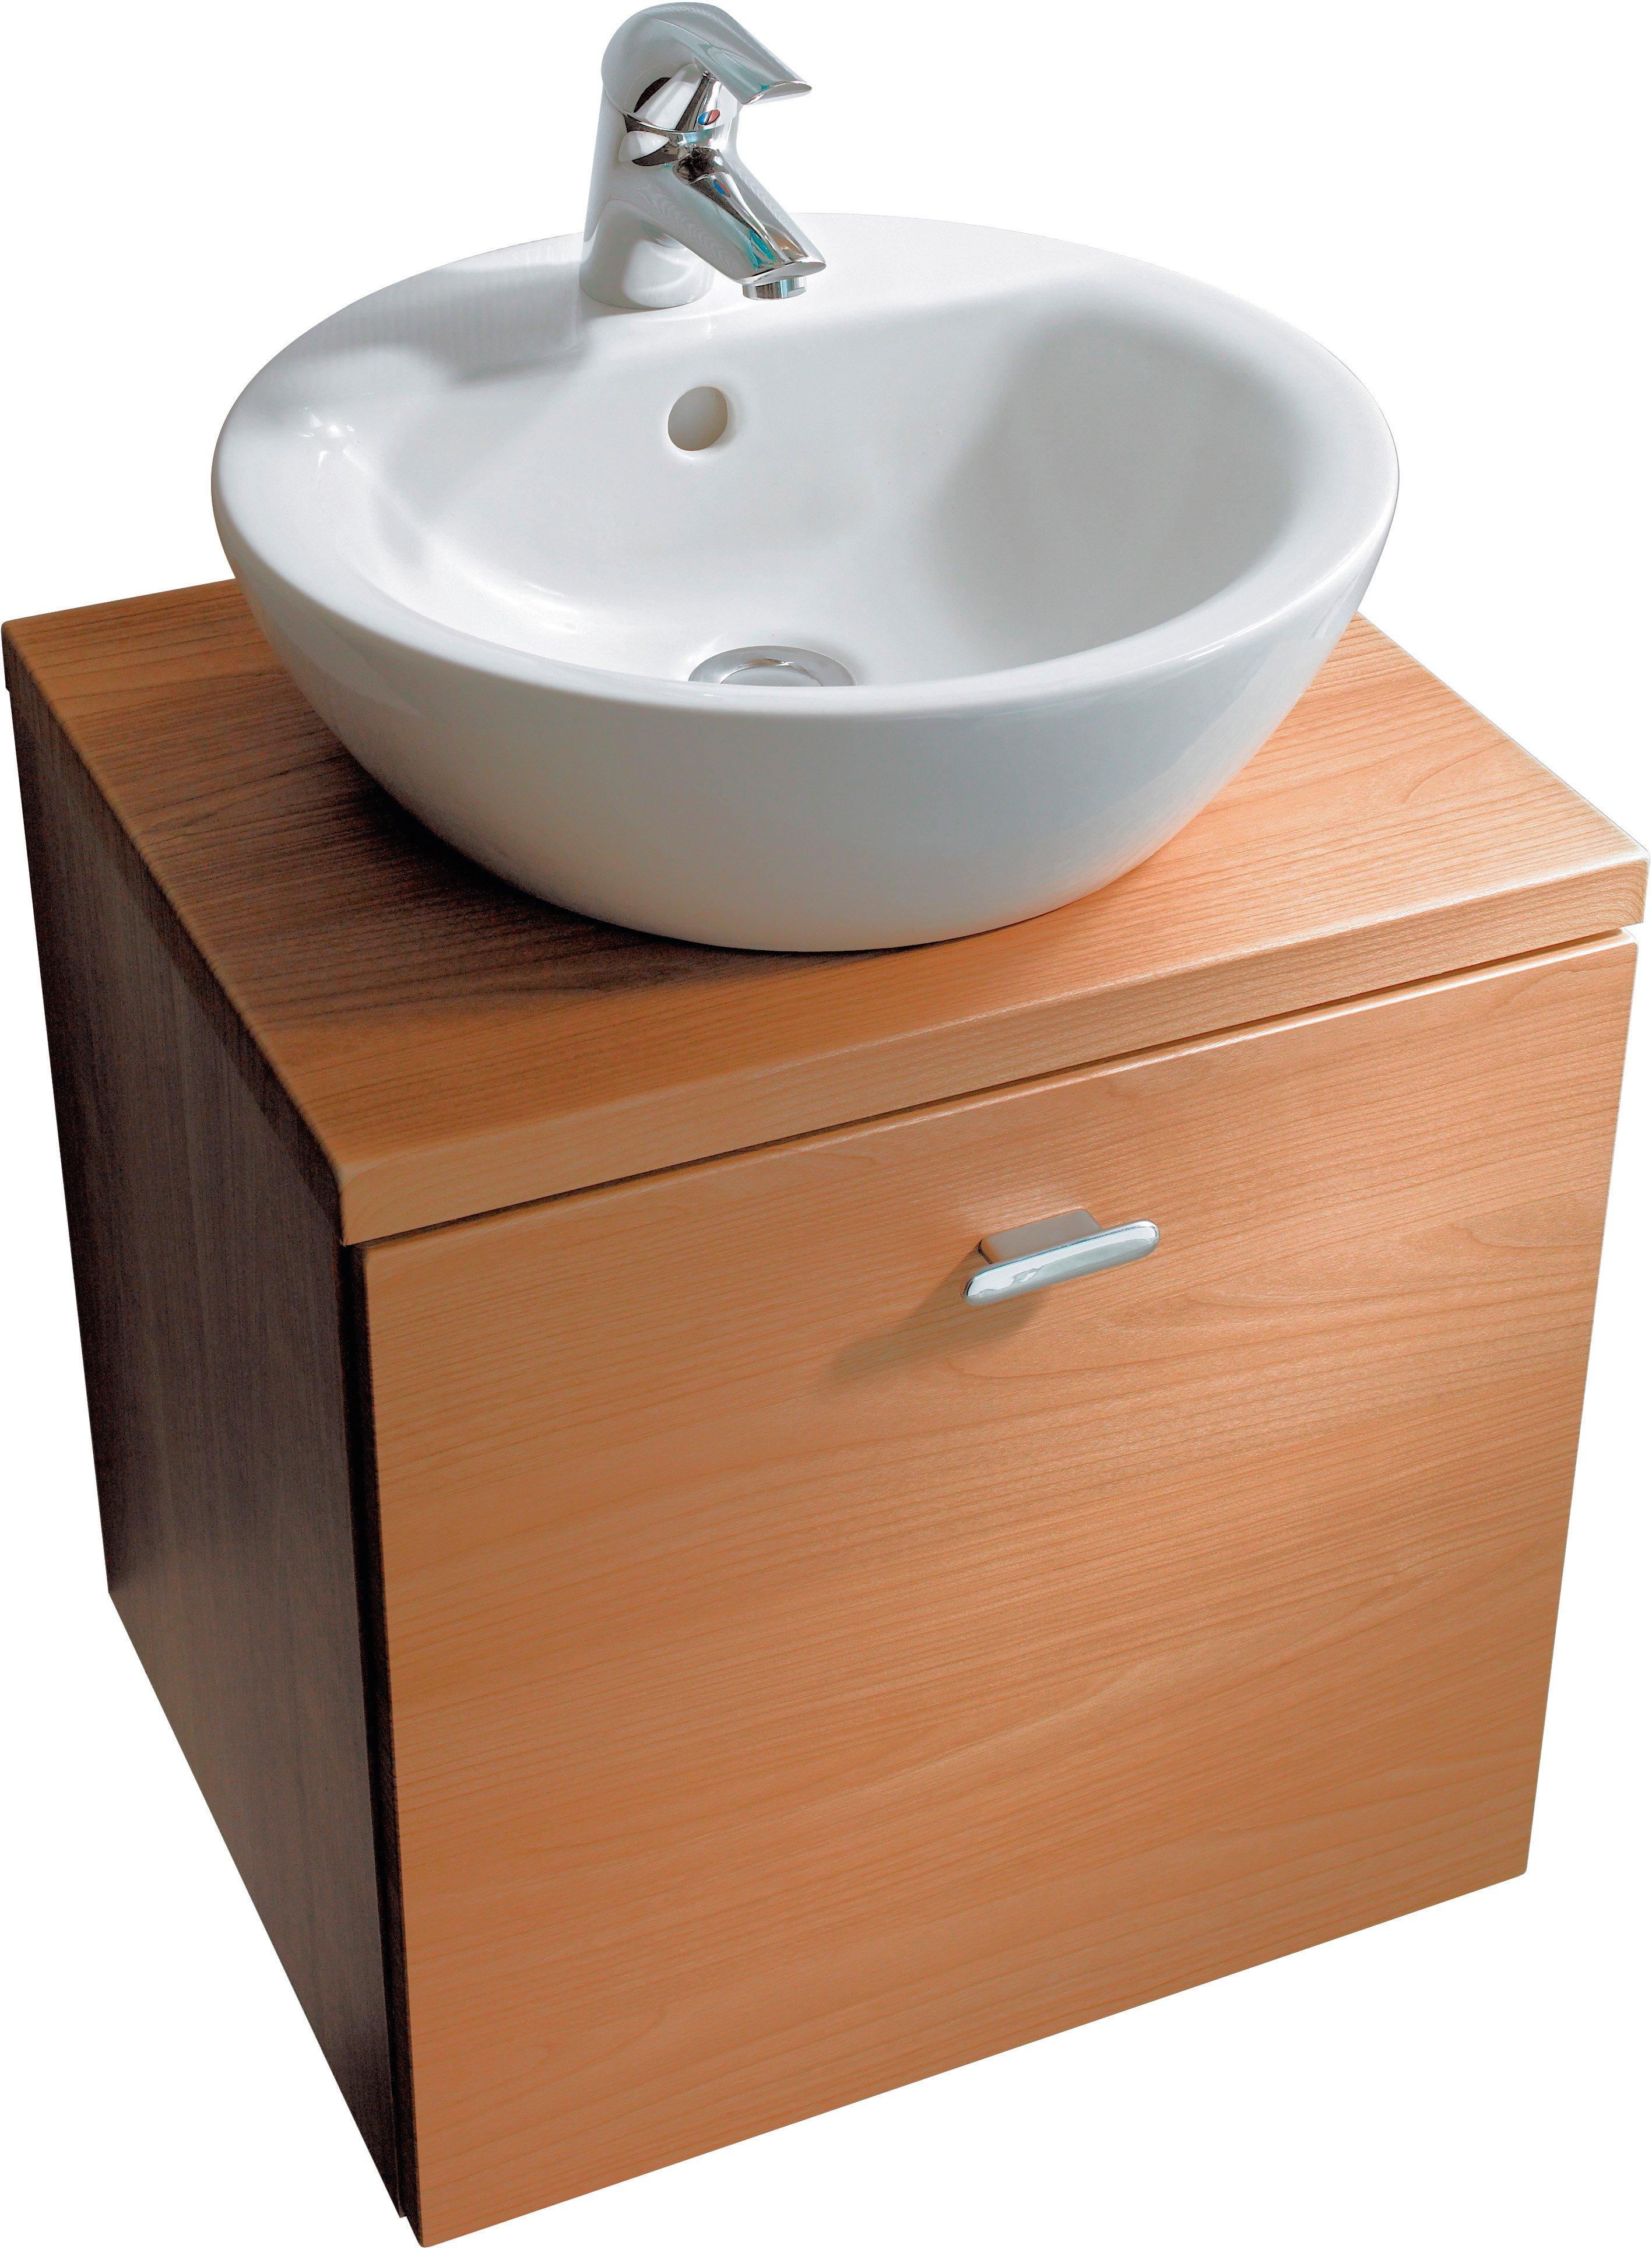 da appoggio il lavabo sphere della linea connect di ideal standard in ceramica bianca sanitaria